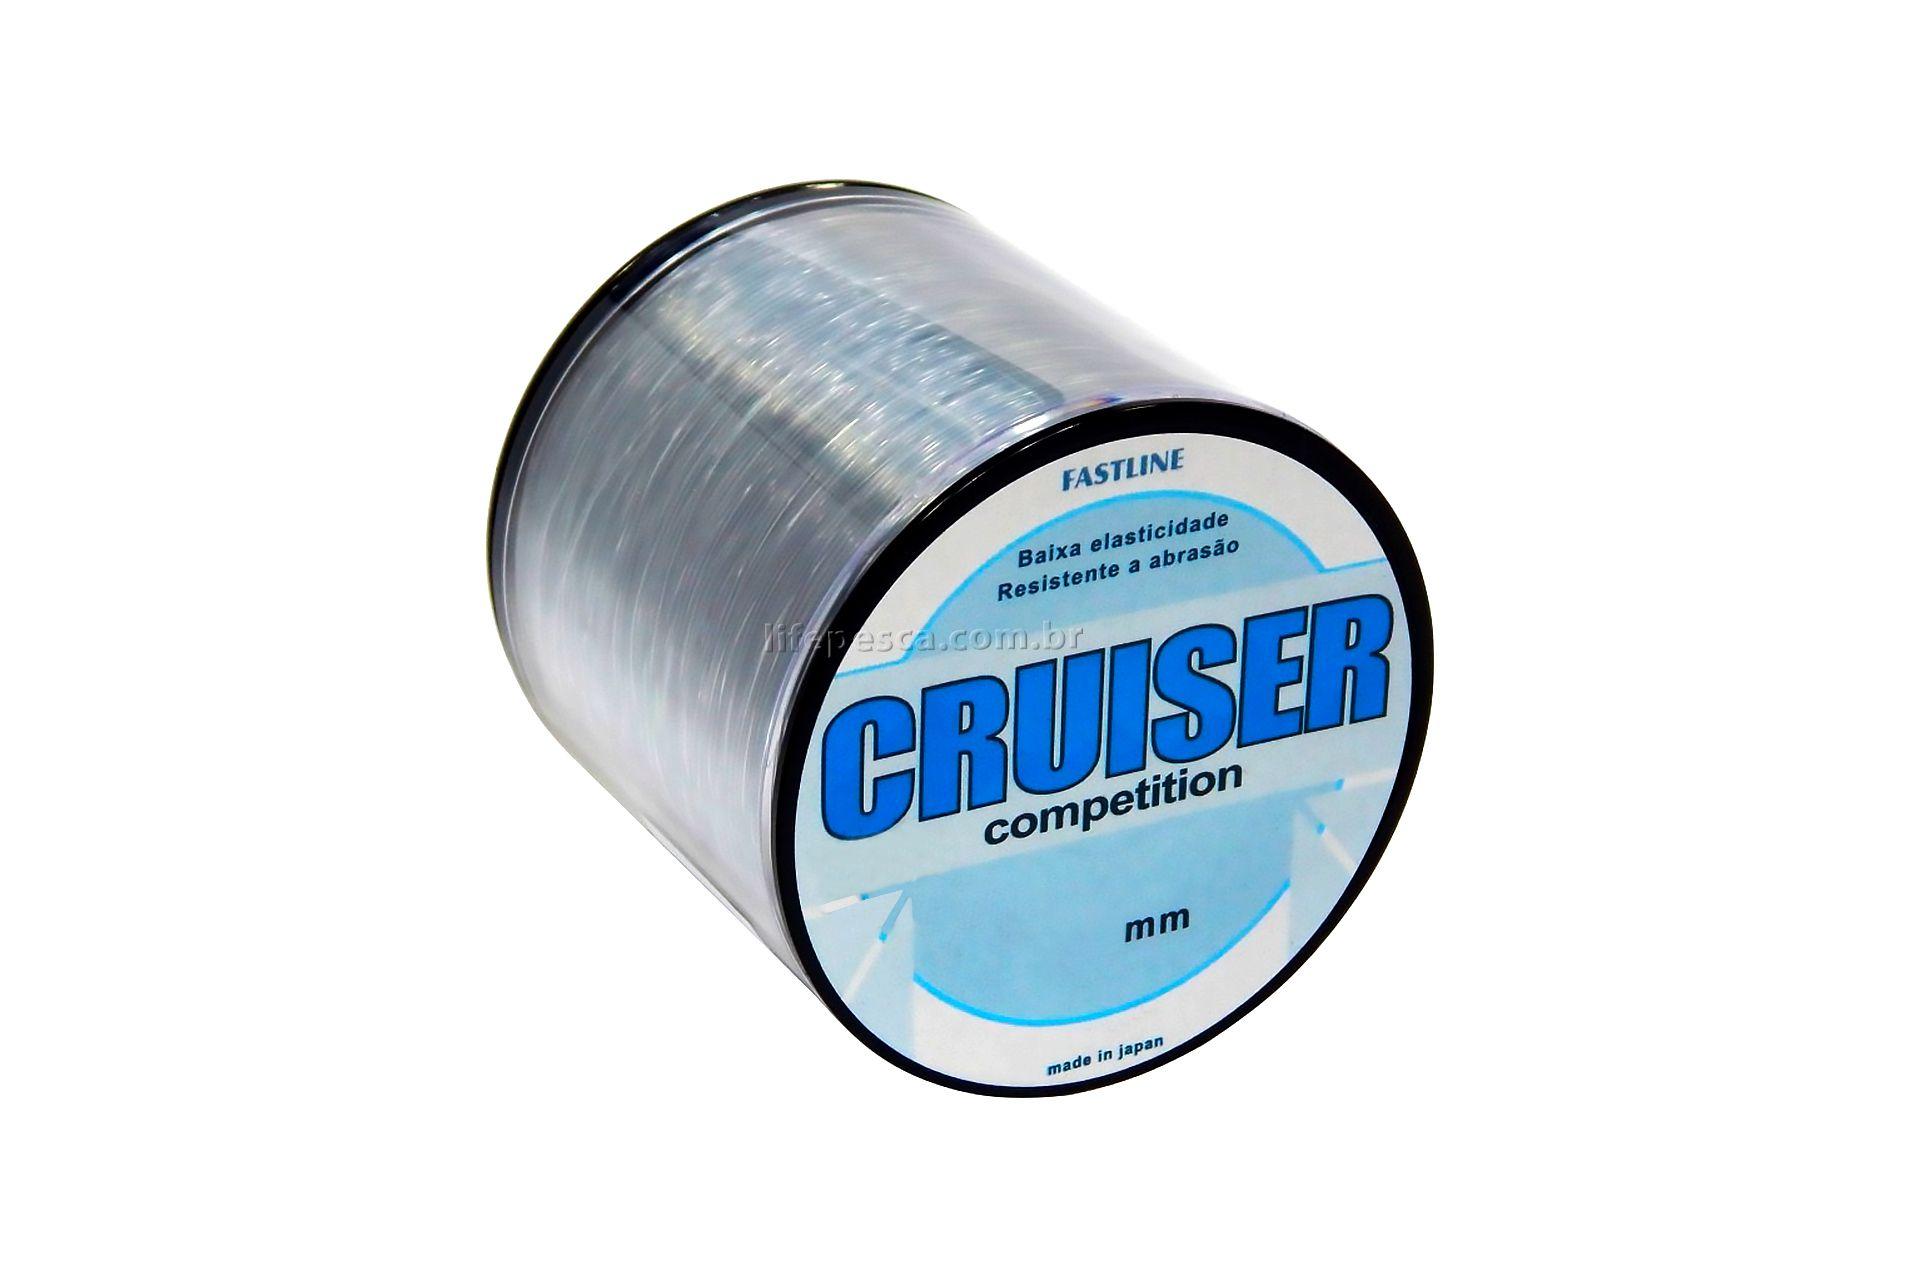 Linha Monofilamento Fastline Cruiser Competition 0,470mm 40lbs/18kg - 500 Metros   - Life Pesca - Sua loja de Pesca, Camping e Lazer